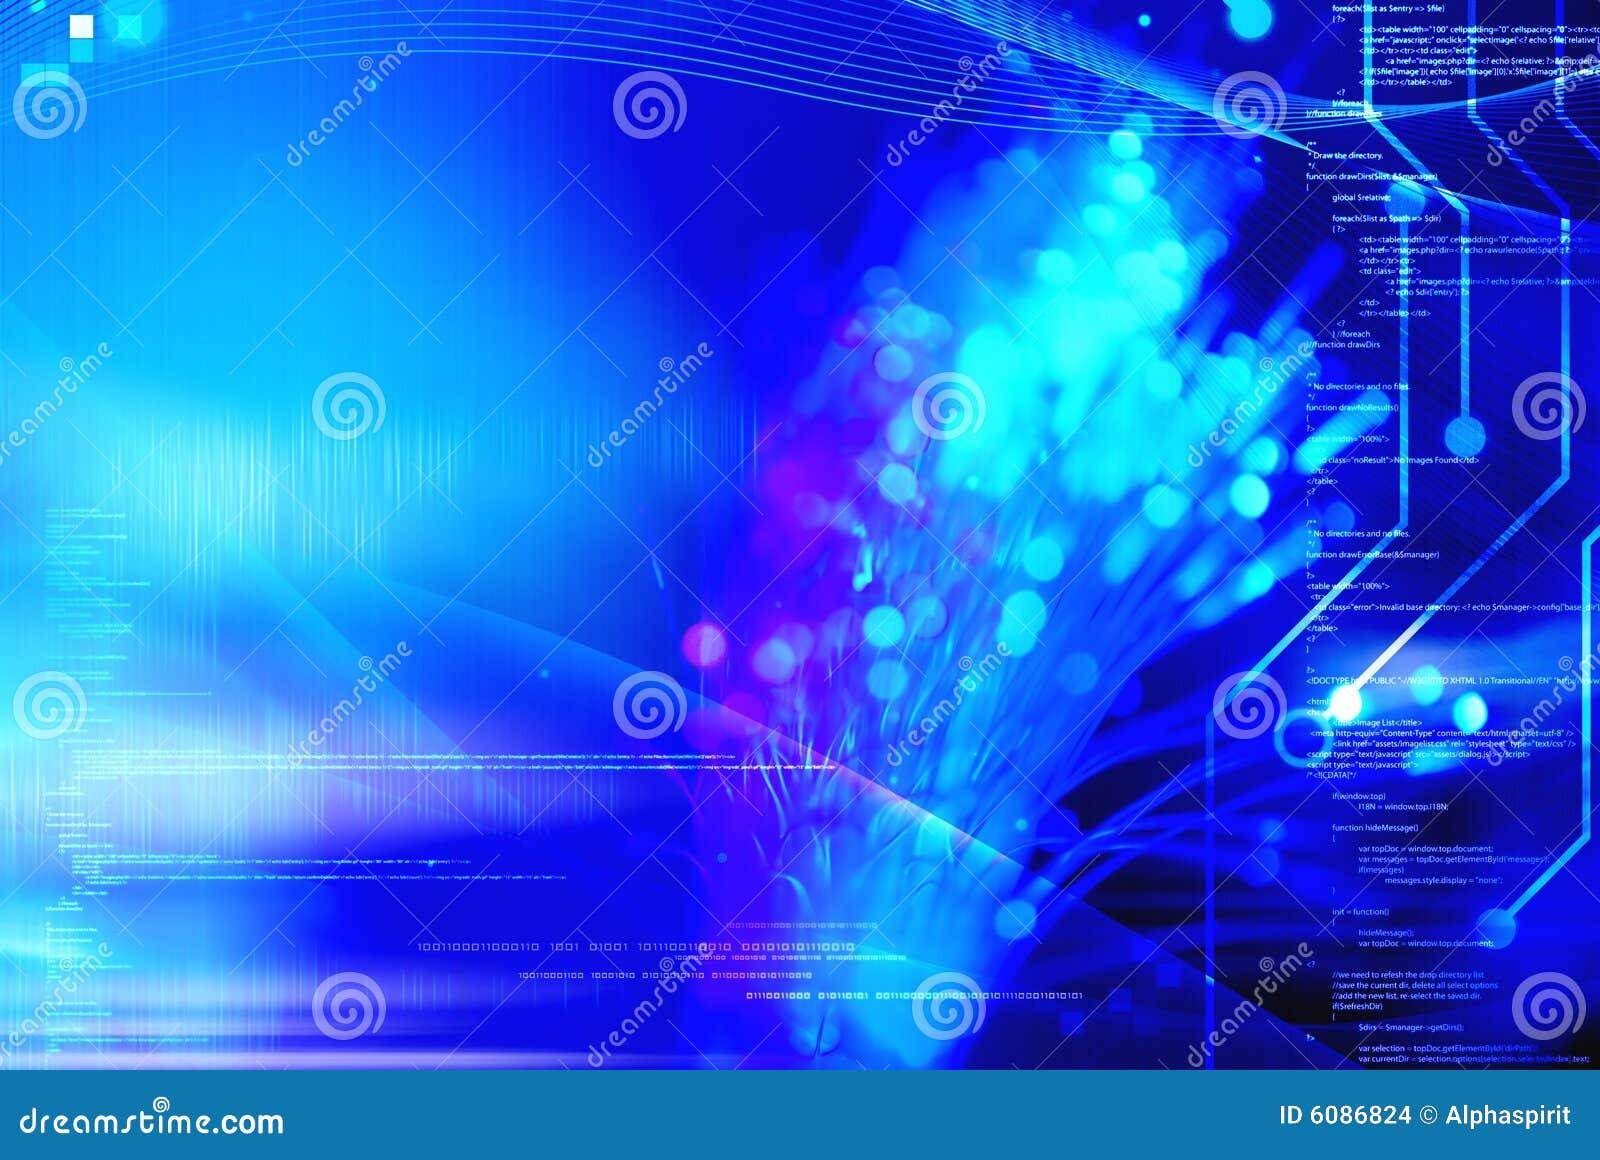 Programmierung und Technologie